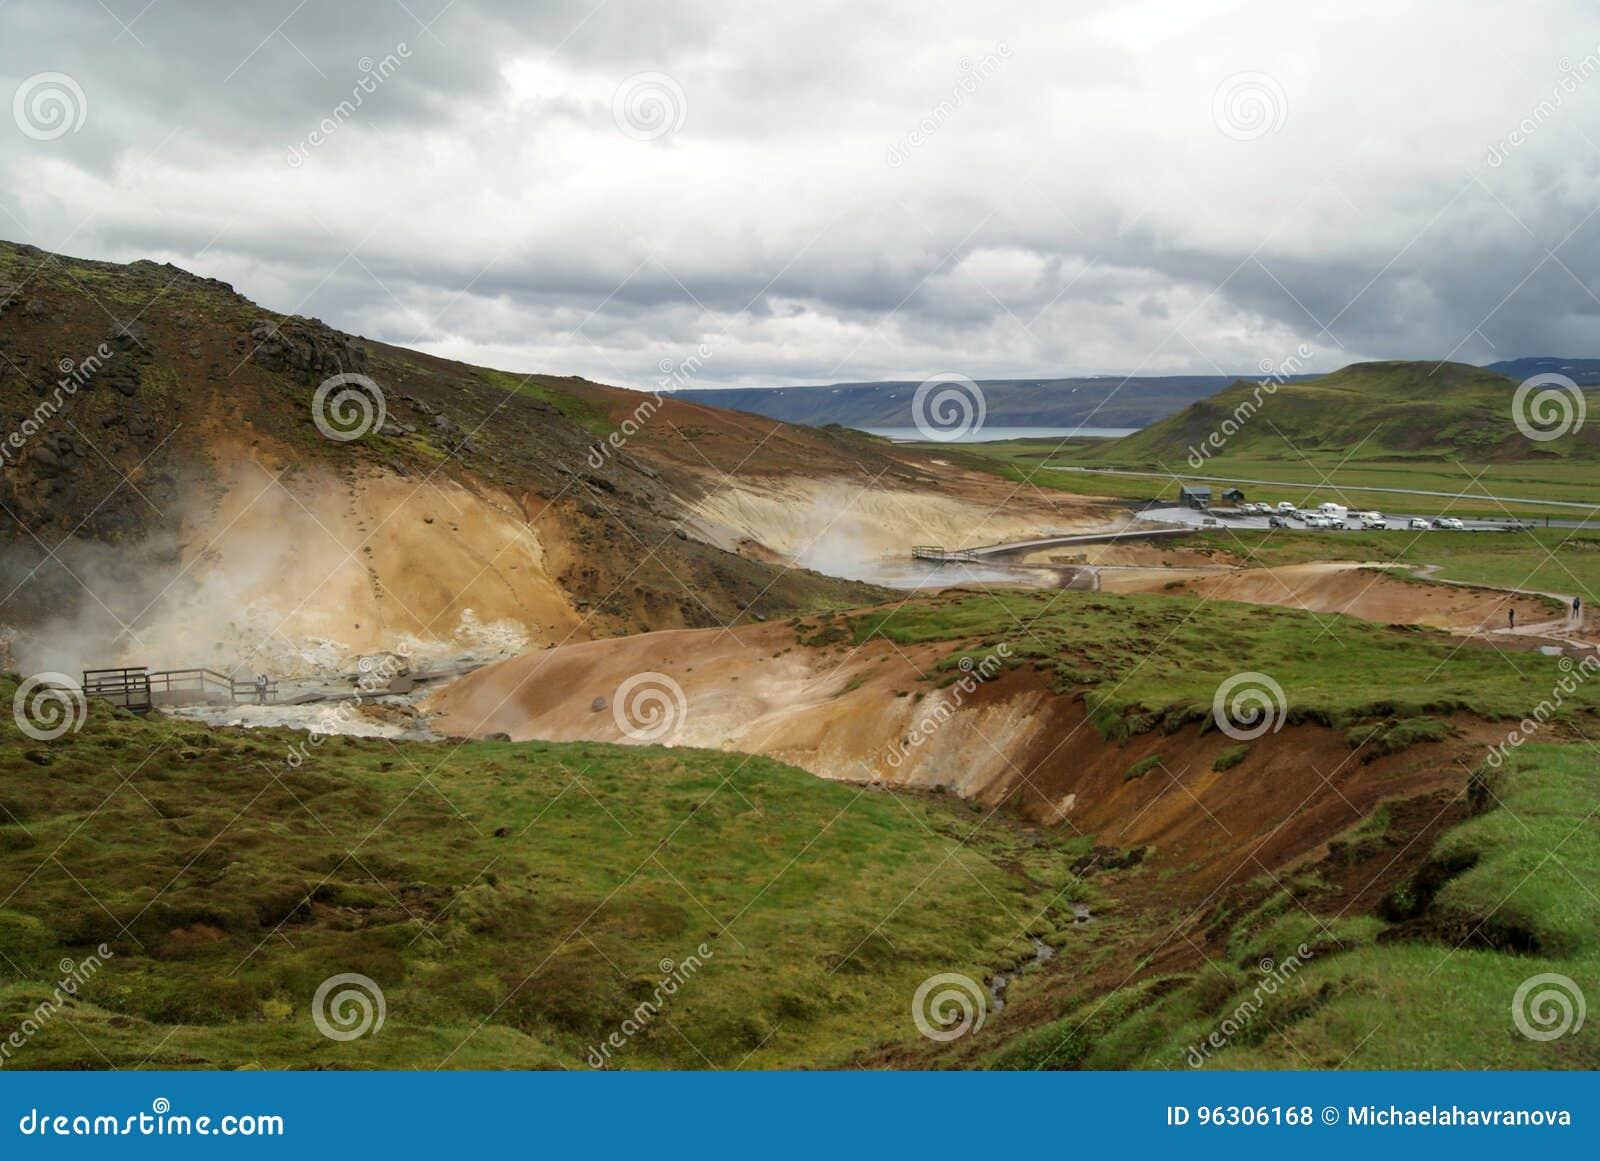 Seltún geotermiczny teren w Reykjanes, Iceland